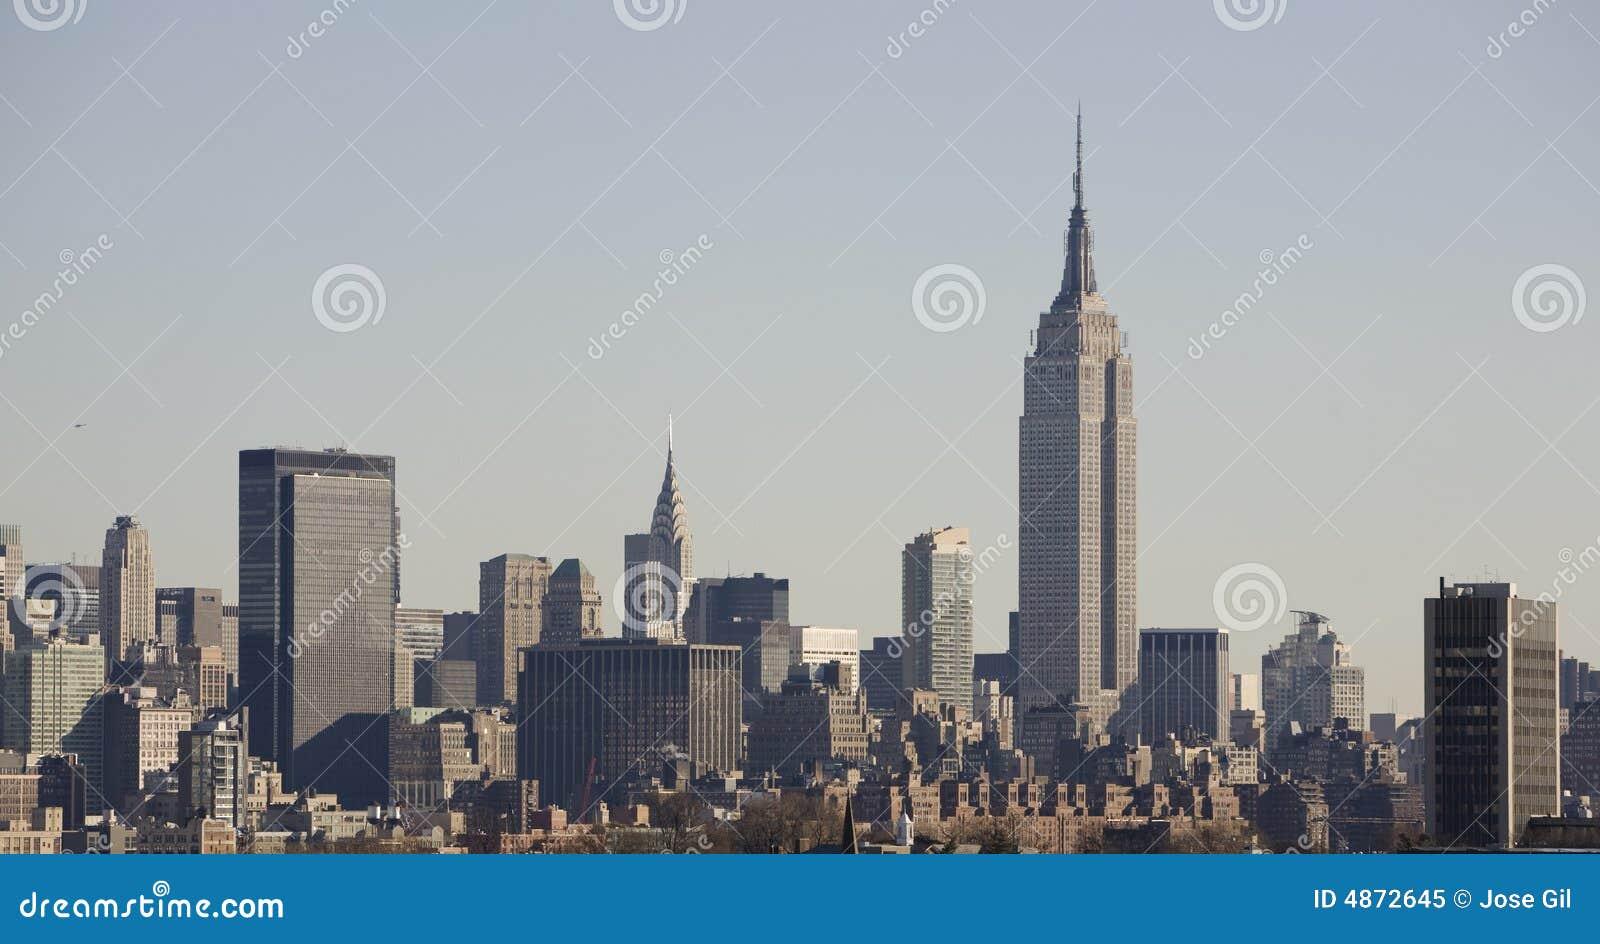 Horizonte de Nueva York con el Empire State